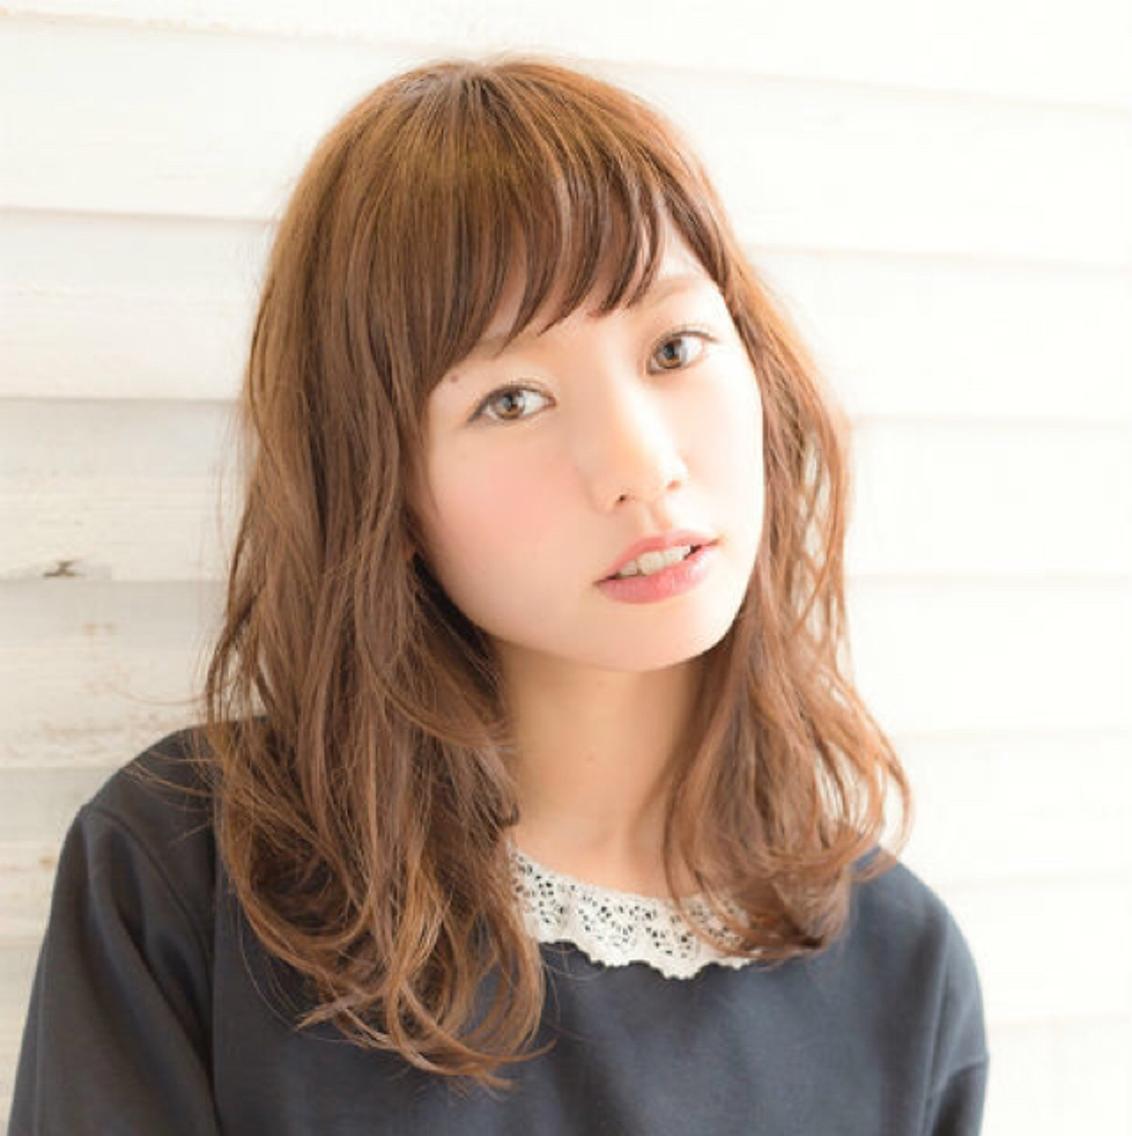 なりたい髪型を似合う髪型に、、、確かな技術で心身ともにリラックス☆ミニモ限定特別価格!!当日予約OK!橋本駅すぐ☆